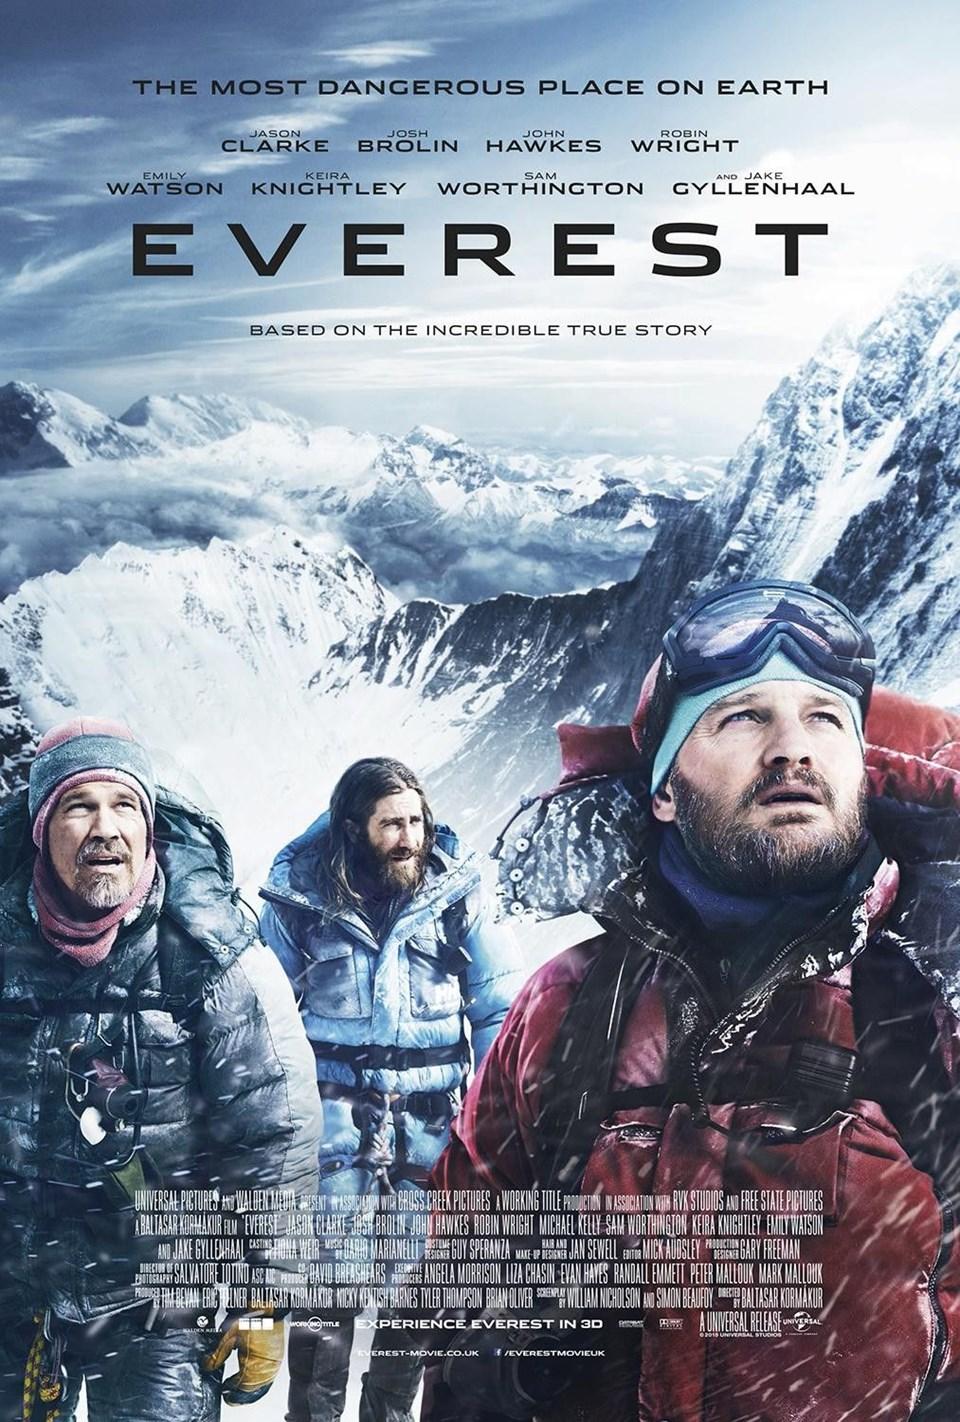 en iyi dağcılık filmleri, en güzel dağcılık filmleri, tırmanış filmleri, everest 2015